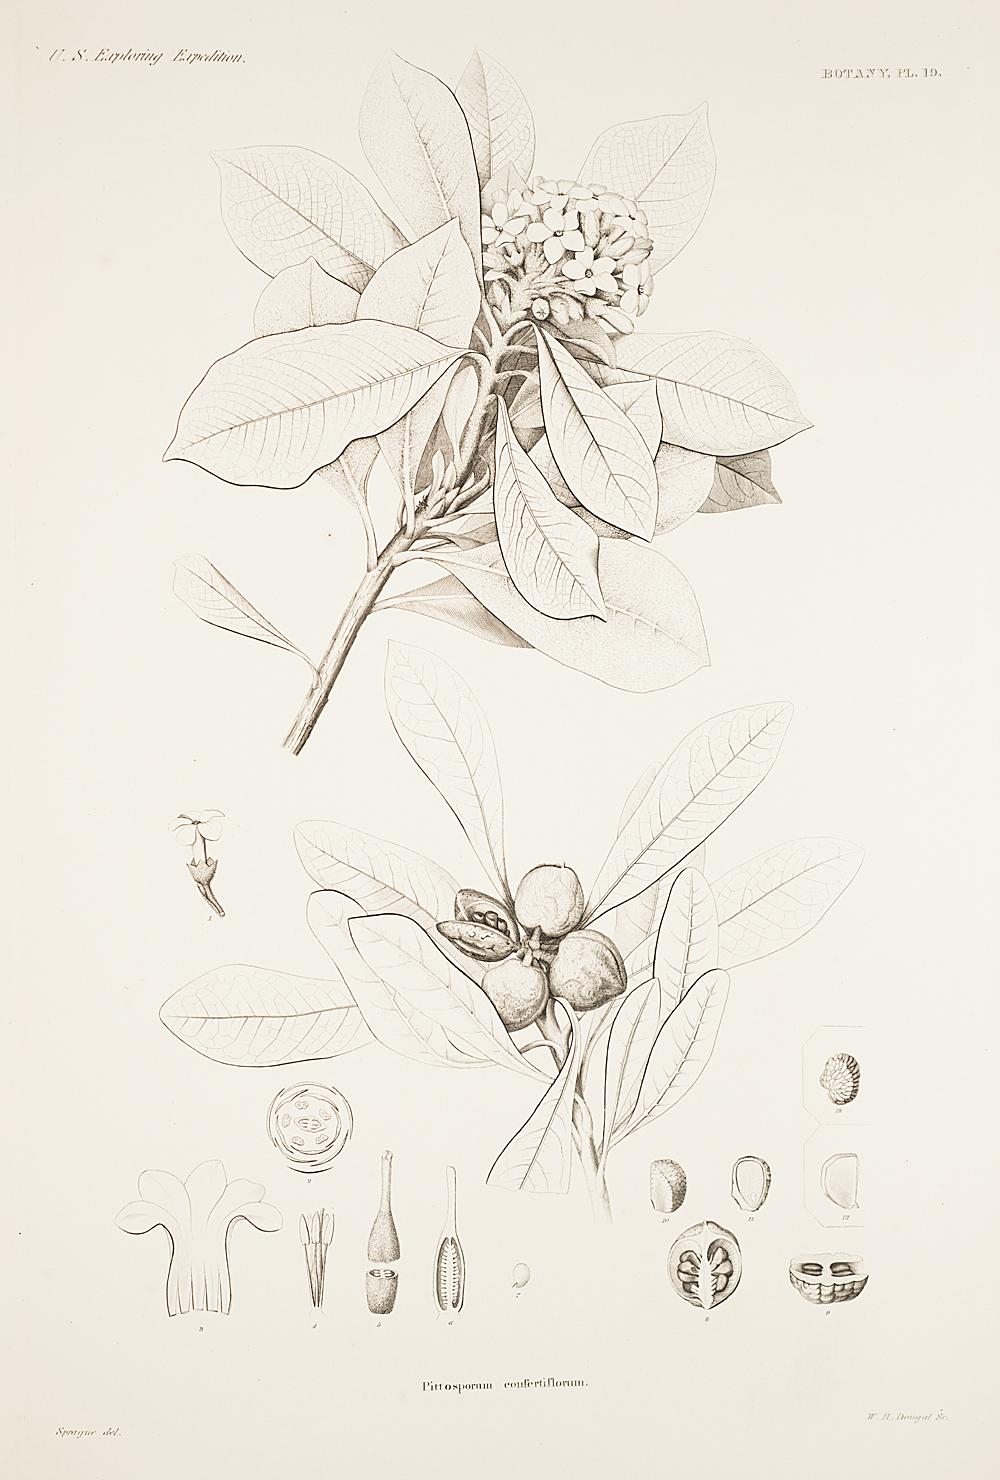 Botany, Pl. 19,  Image number:sil19-23-049b